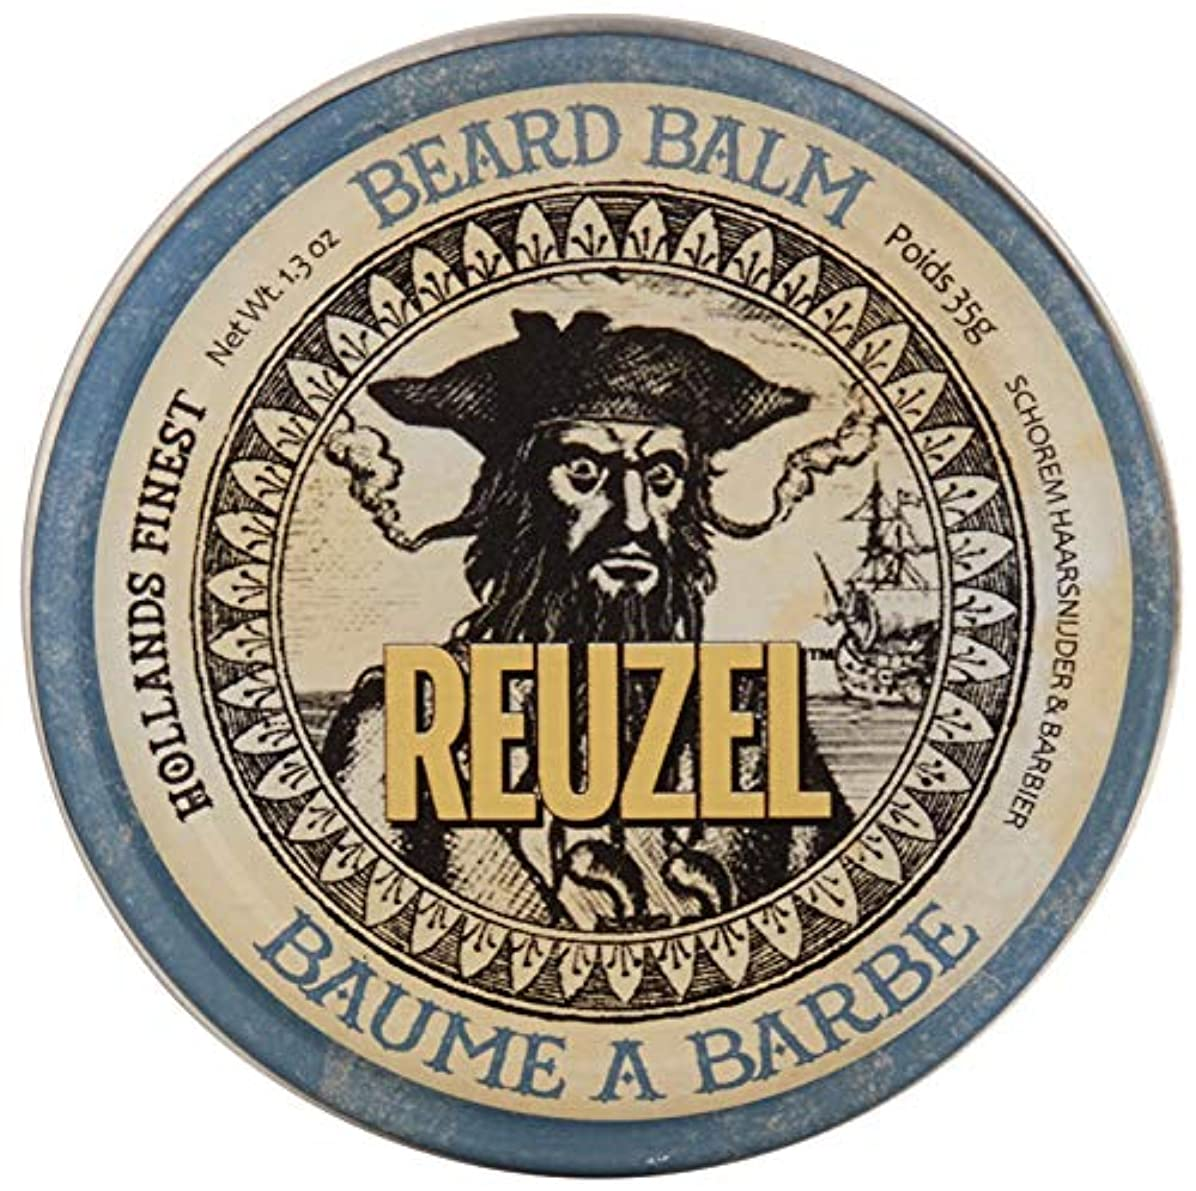 羊販売計画興味reuzel BEARD BALM 1.3 oz by REUZEL